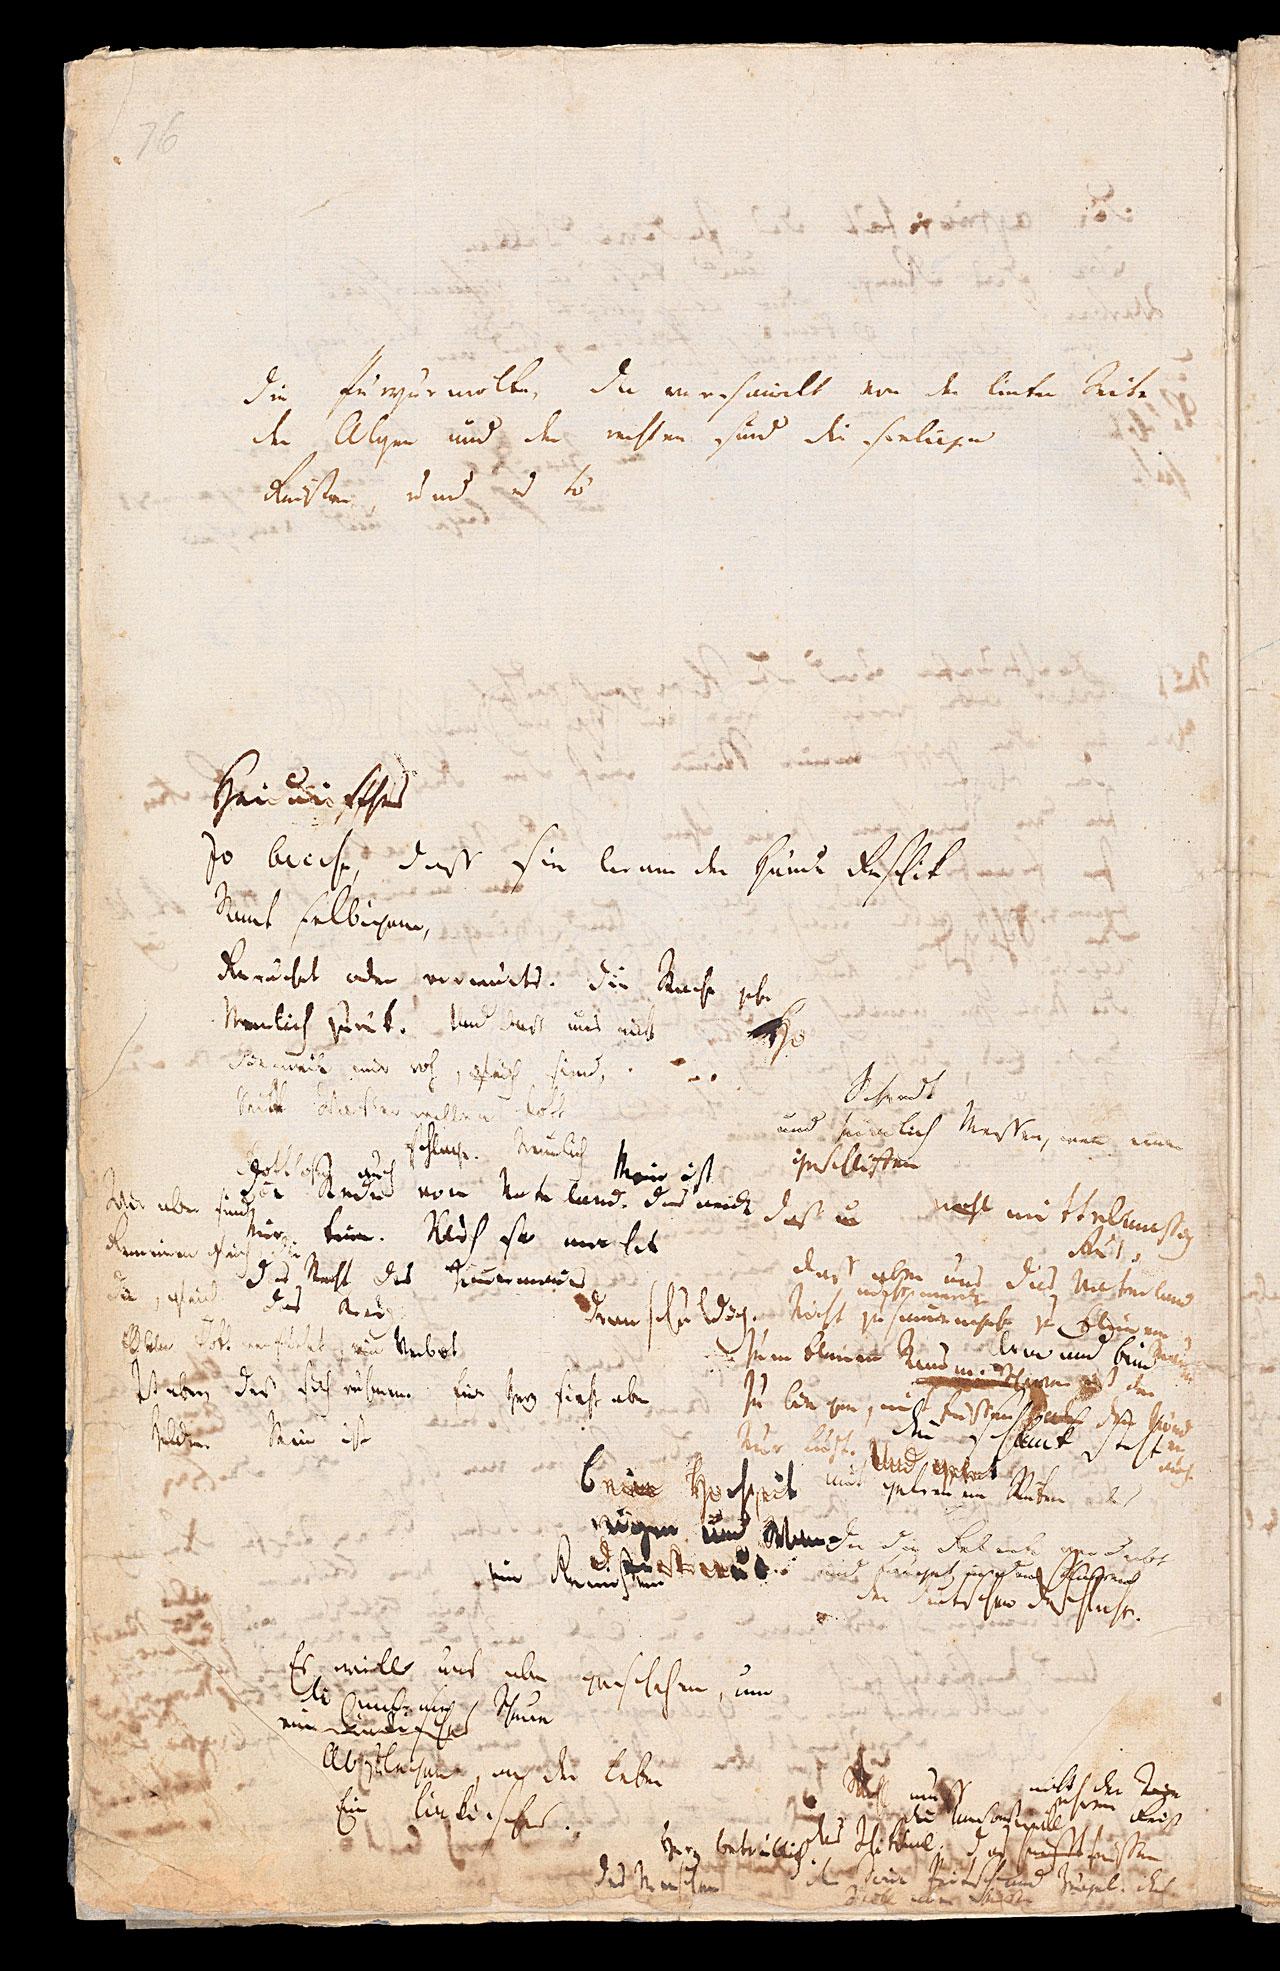 Friedrich Hölderlin, Homburger Folioheft, Seite 76, Die Purpurwolke…, Handschrift